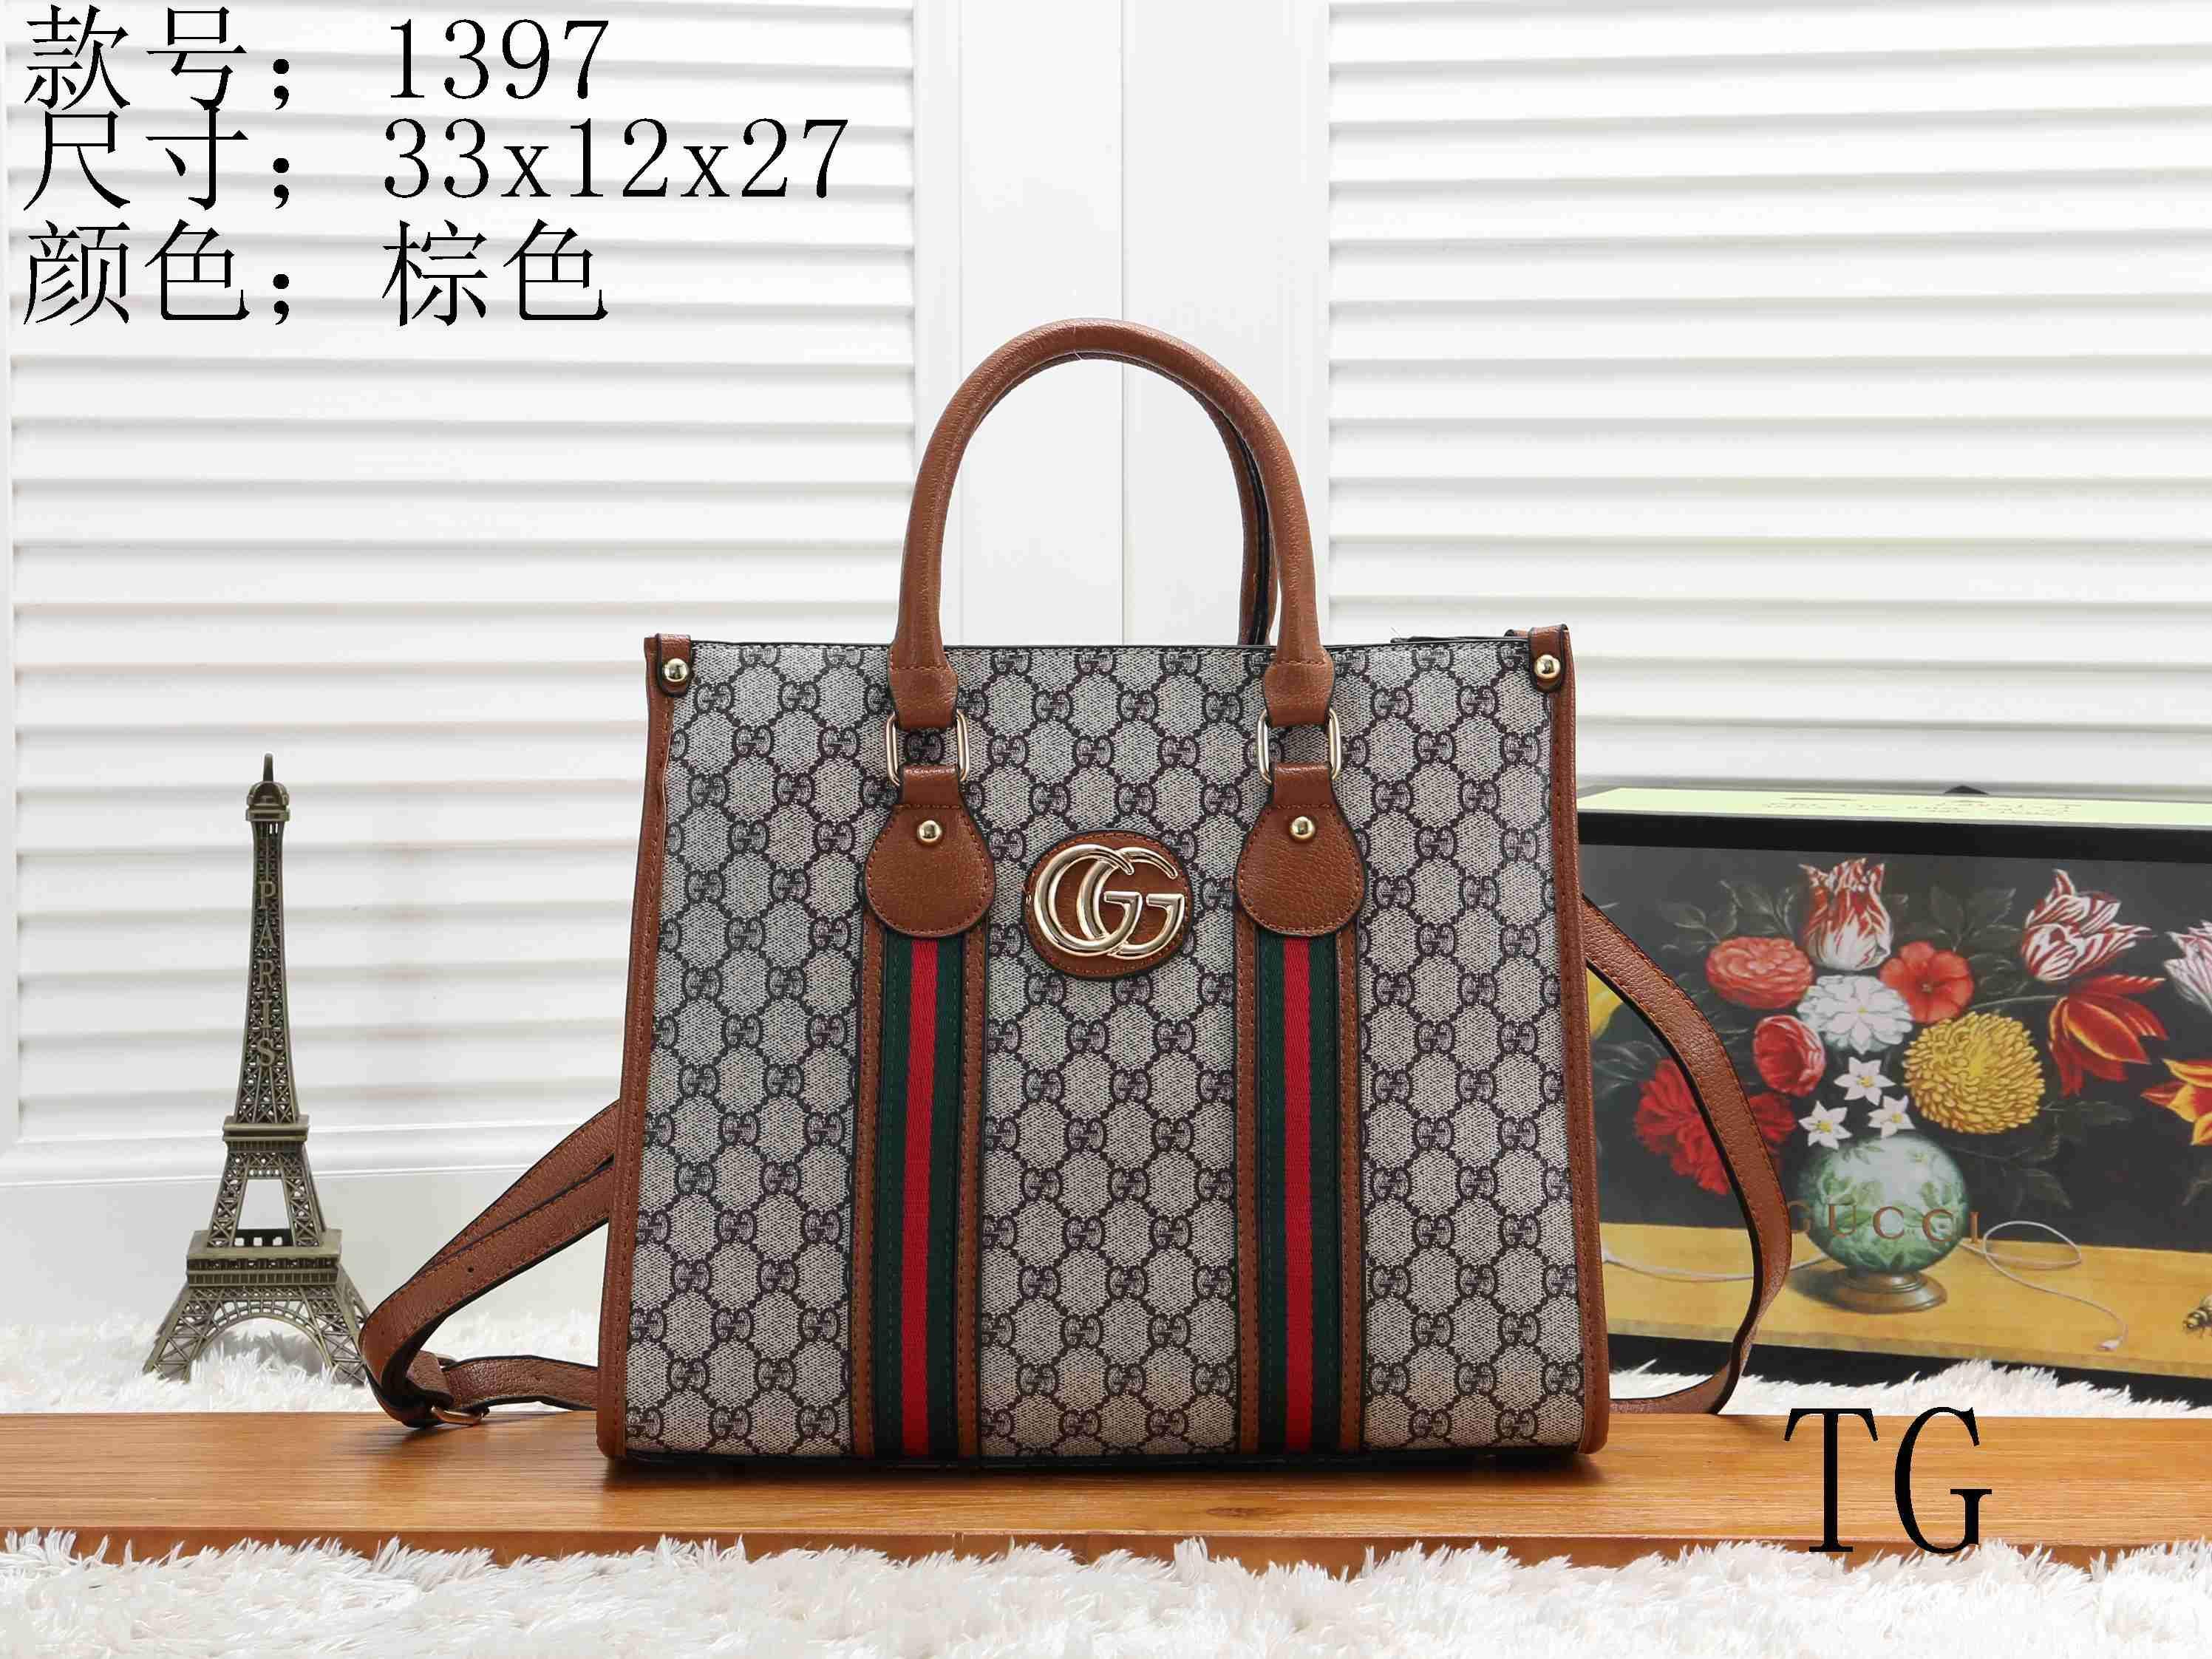 b4e6792cba Europe 2019 luxury brand women s bags handbag Famous designer handbags  Ladies handbag Fashion tote bag women s shop bags Good quality tag 90